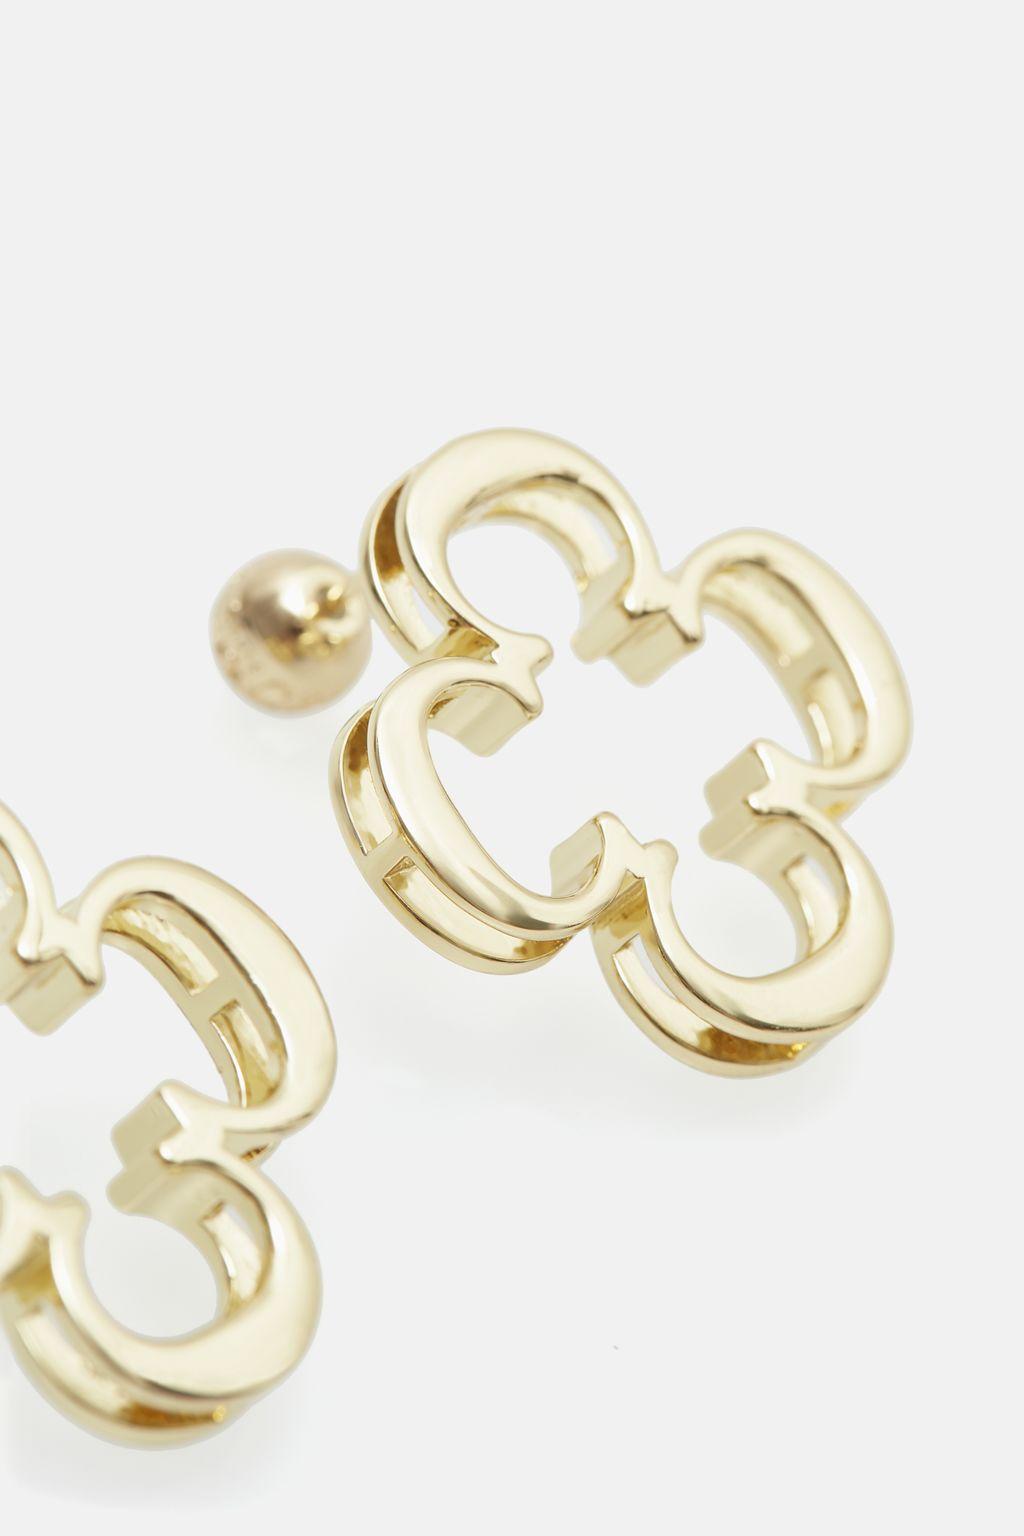 Insignia Rosetta earrings